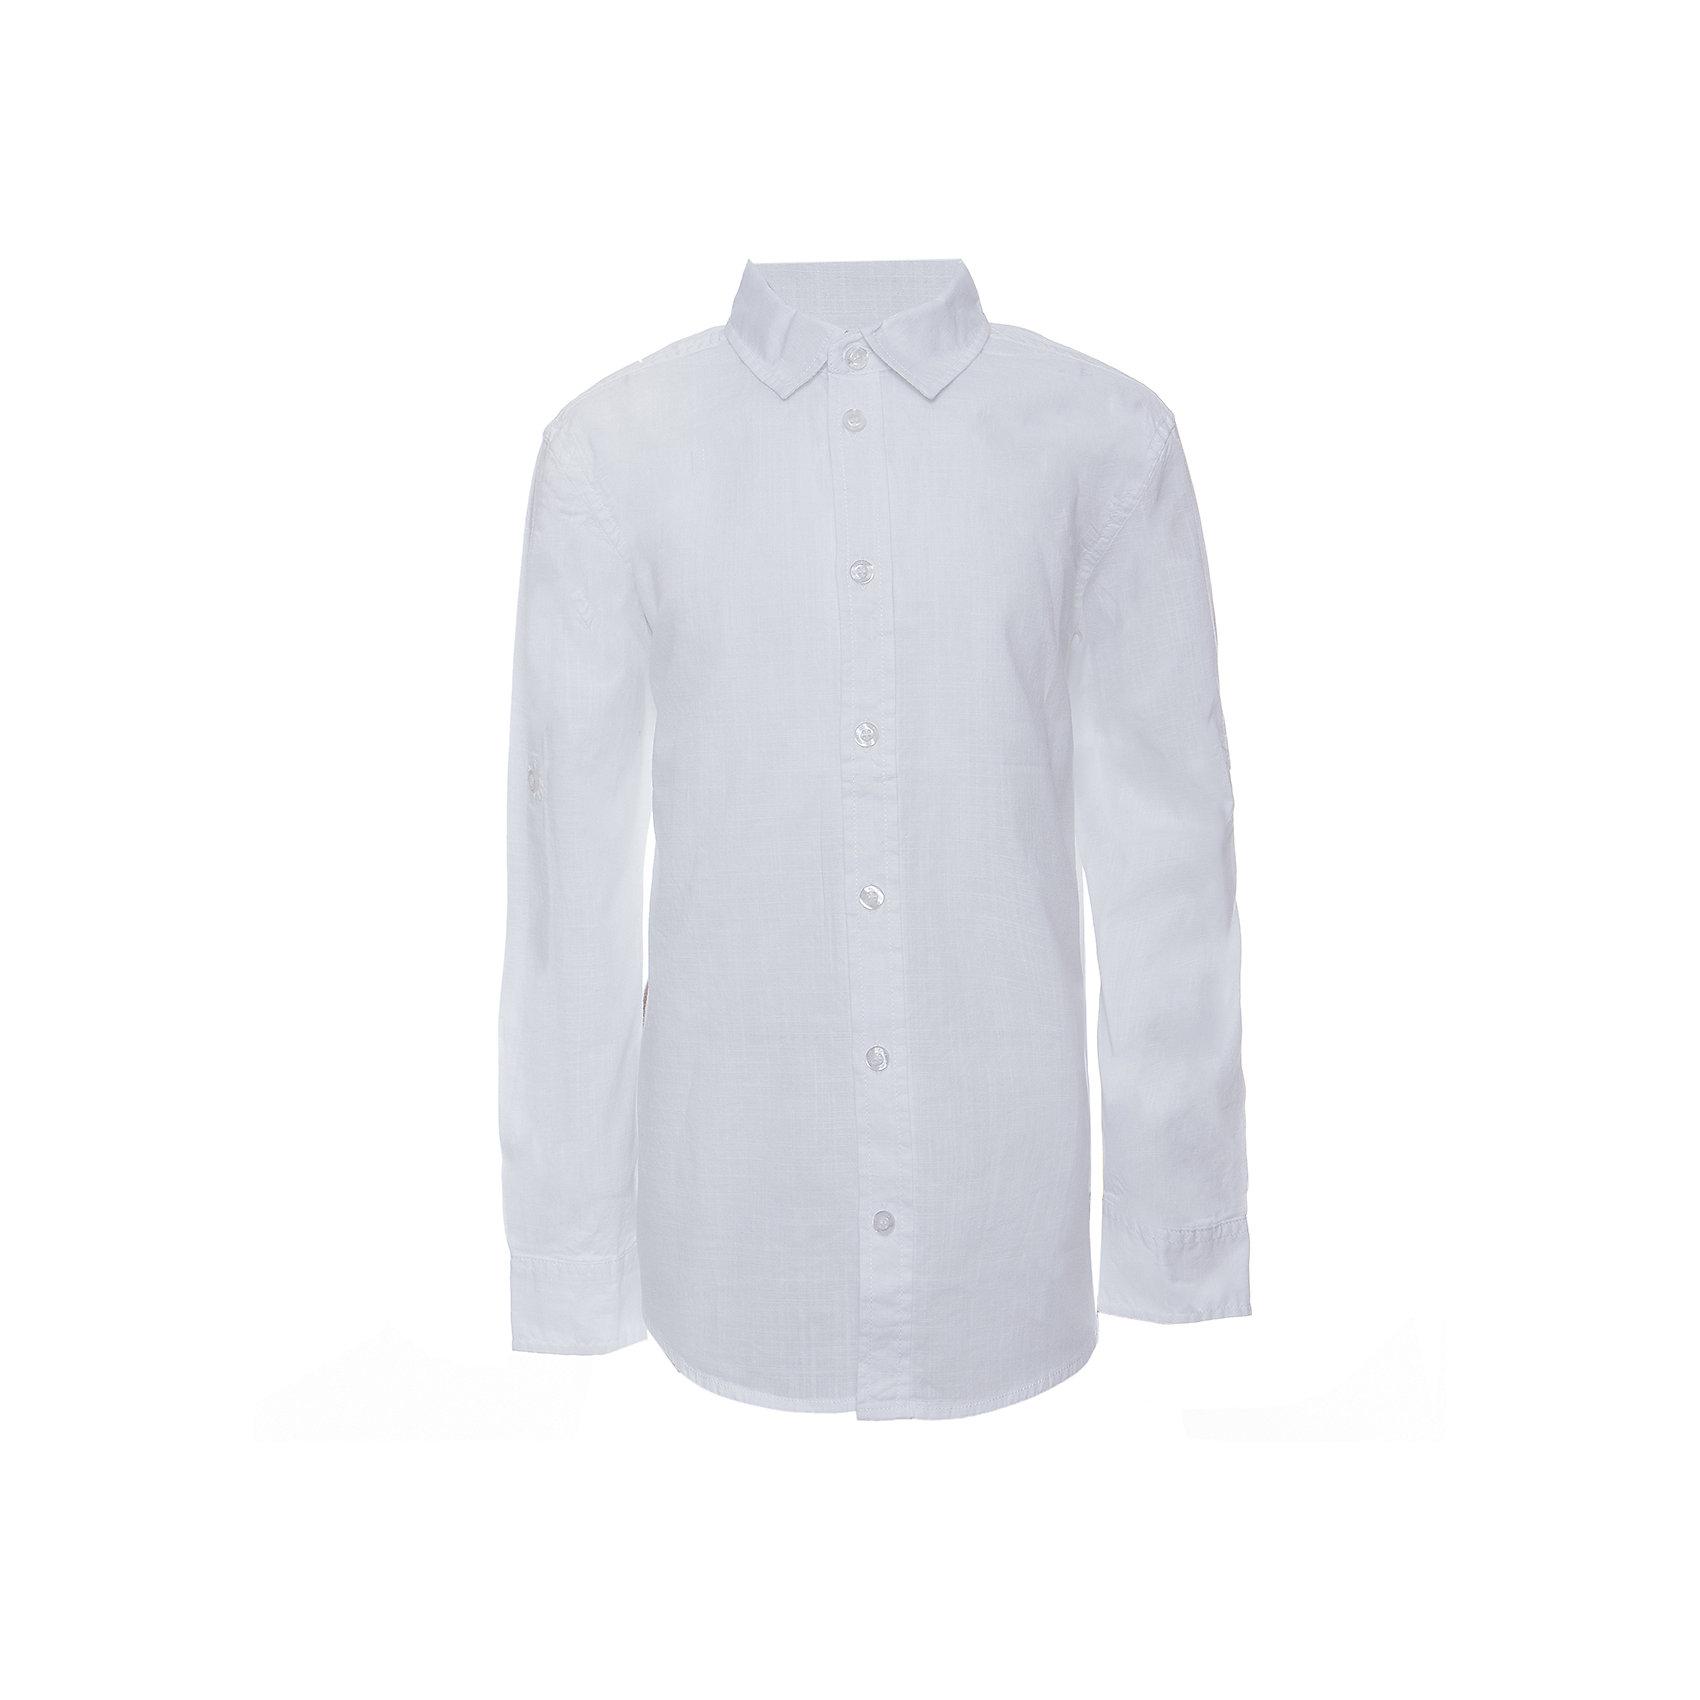 Рубашка для мальчика SELAБлузки и рубашки<br>Рубашка для мальчика от известного бренда SELA<br>Состав:<br>100% хлопок<br><br>Ширина мм: 174<br>Глубина мм: 10<br>Высота мм: 169<br>Вес г: 157<br>Цвет: белый<br>Возраст от месяцев: 96<br>Возраст до месяцев: 108<br>Пол: Мужской<br>Возраст: Детский<br>Размер: 134,140,146,152,122,128<br>SKU: 5305523